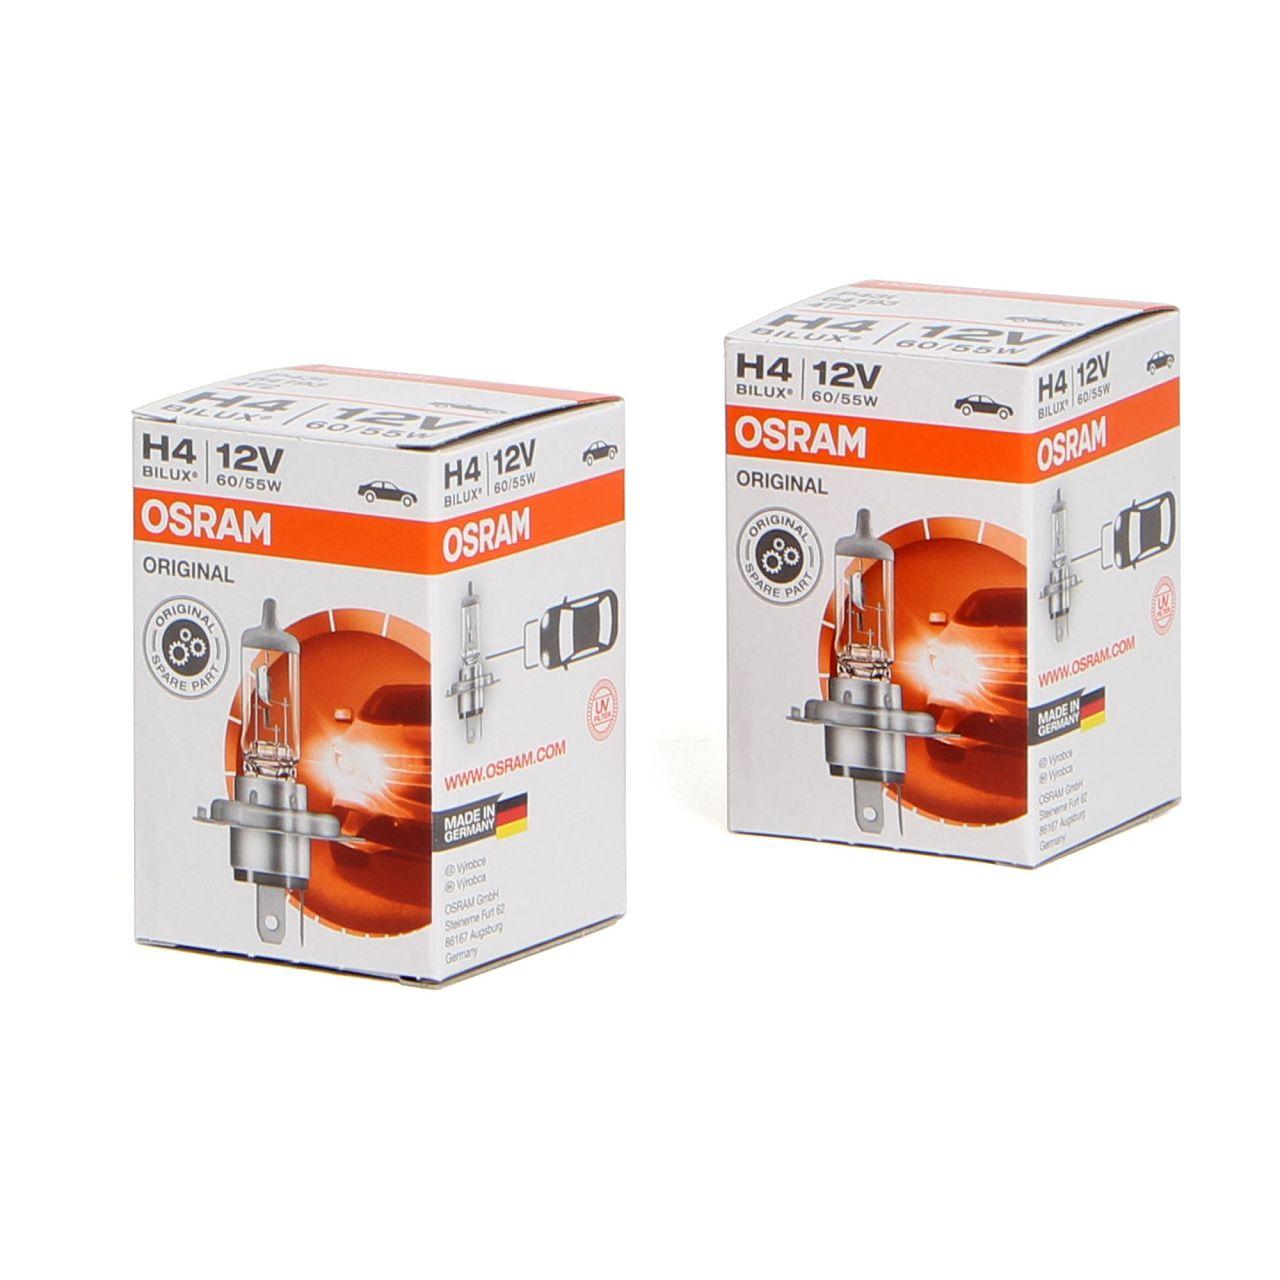 2x OSRAM Lampe Halogenlampe Glühlampe H4 ORIGINAL LINE 12V 60/55W P43t 64193